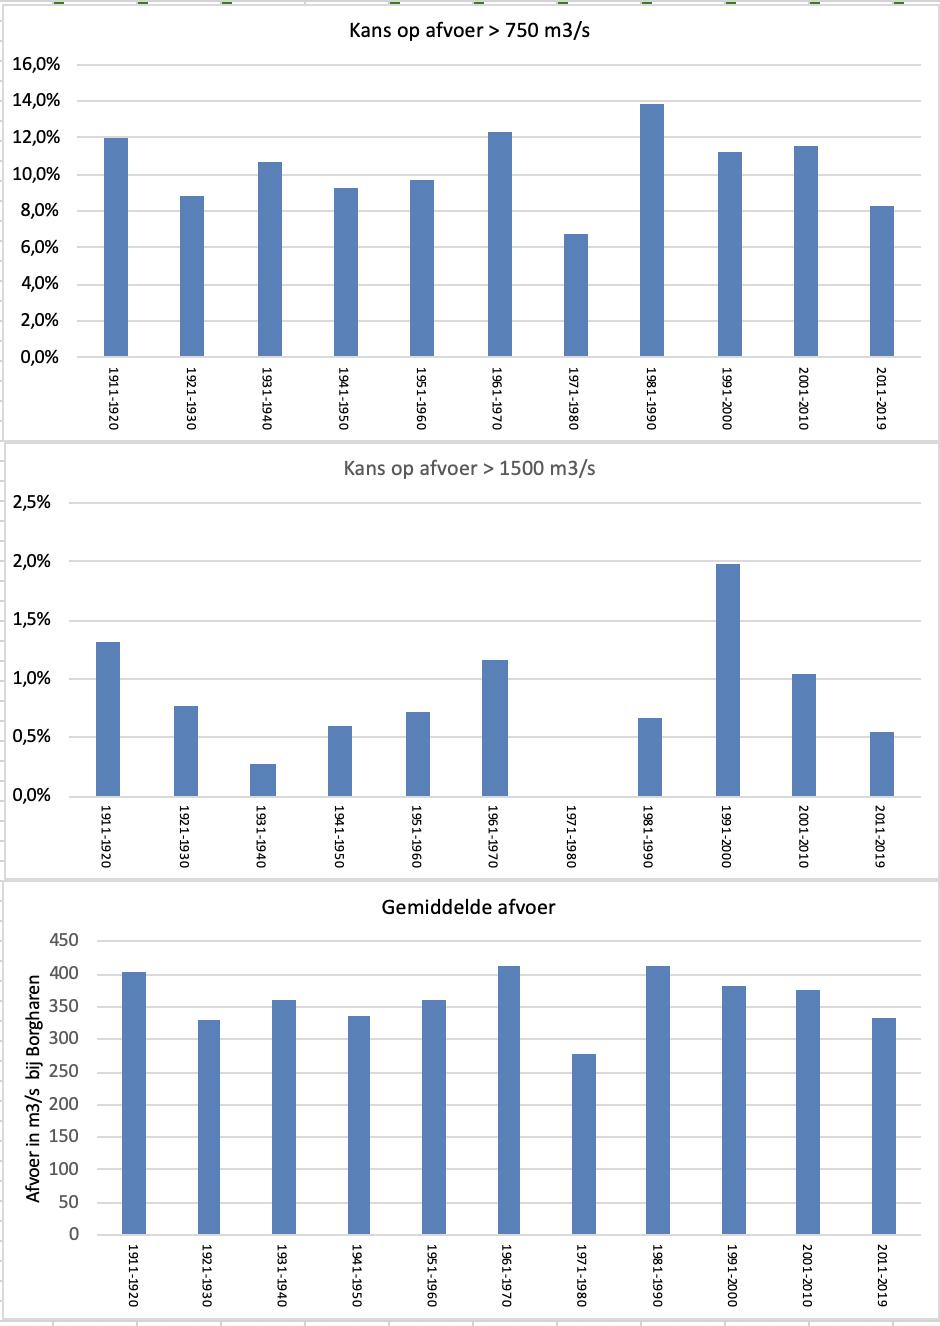 De kans dat op een dag in het hoogwaterseizoen een hoge (> 750 m3/s) of zeer hoge (>1.500 m3/s) afvoer optreedt in de Maas per decade vanaf 1911